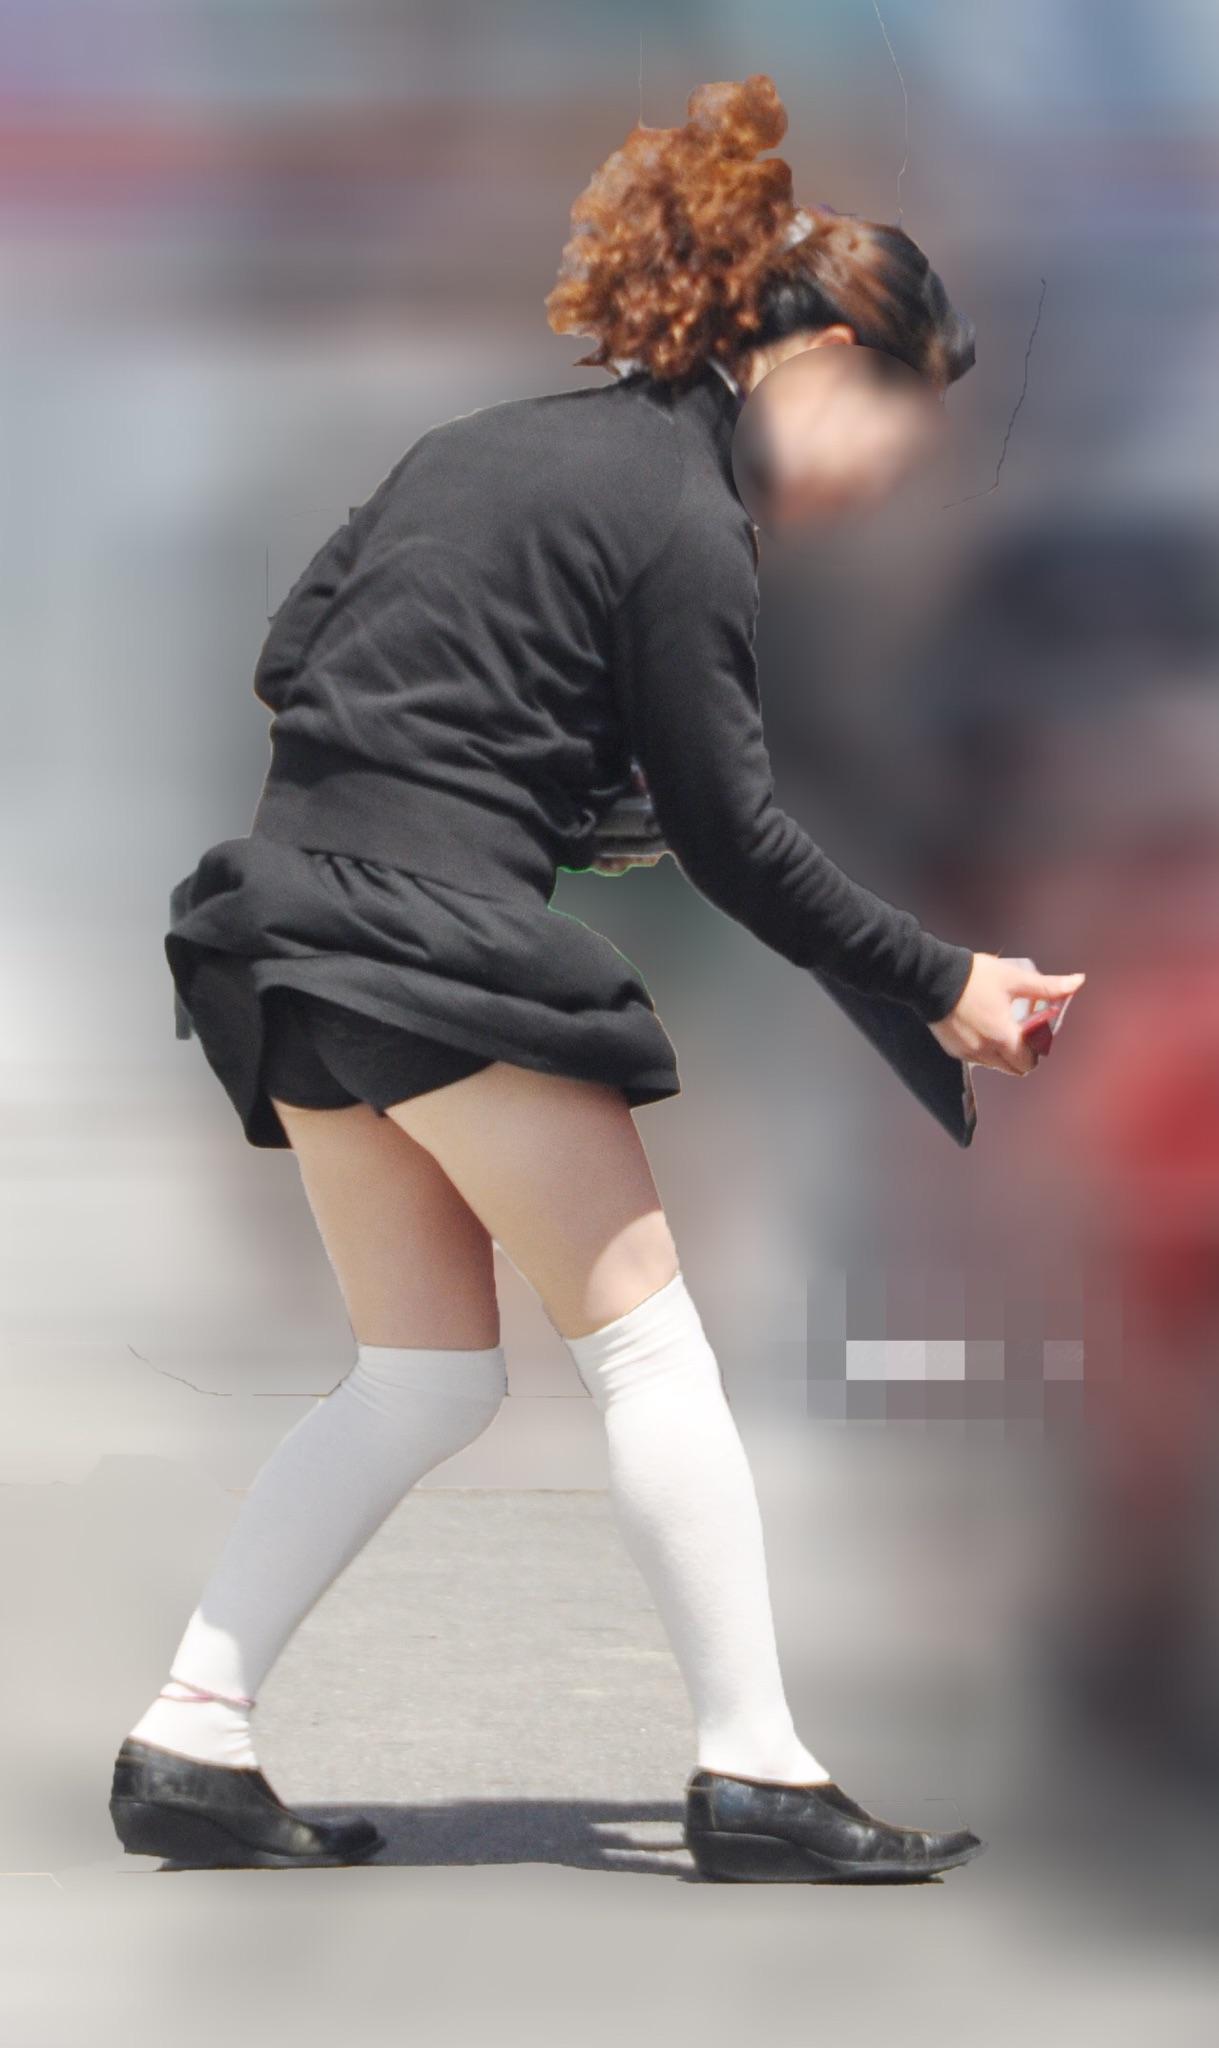 【パンチラエロ画像】偶然でも逃さず激写な風パンチラの見える瞬間!(;・∀・)